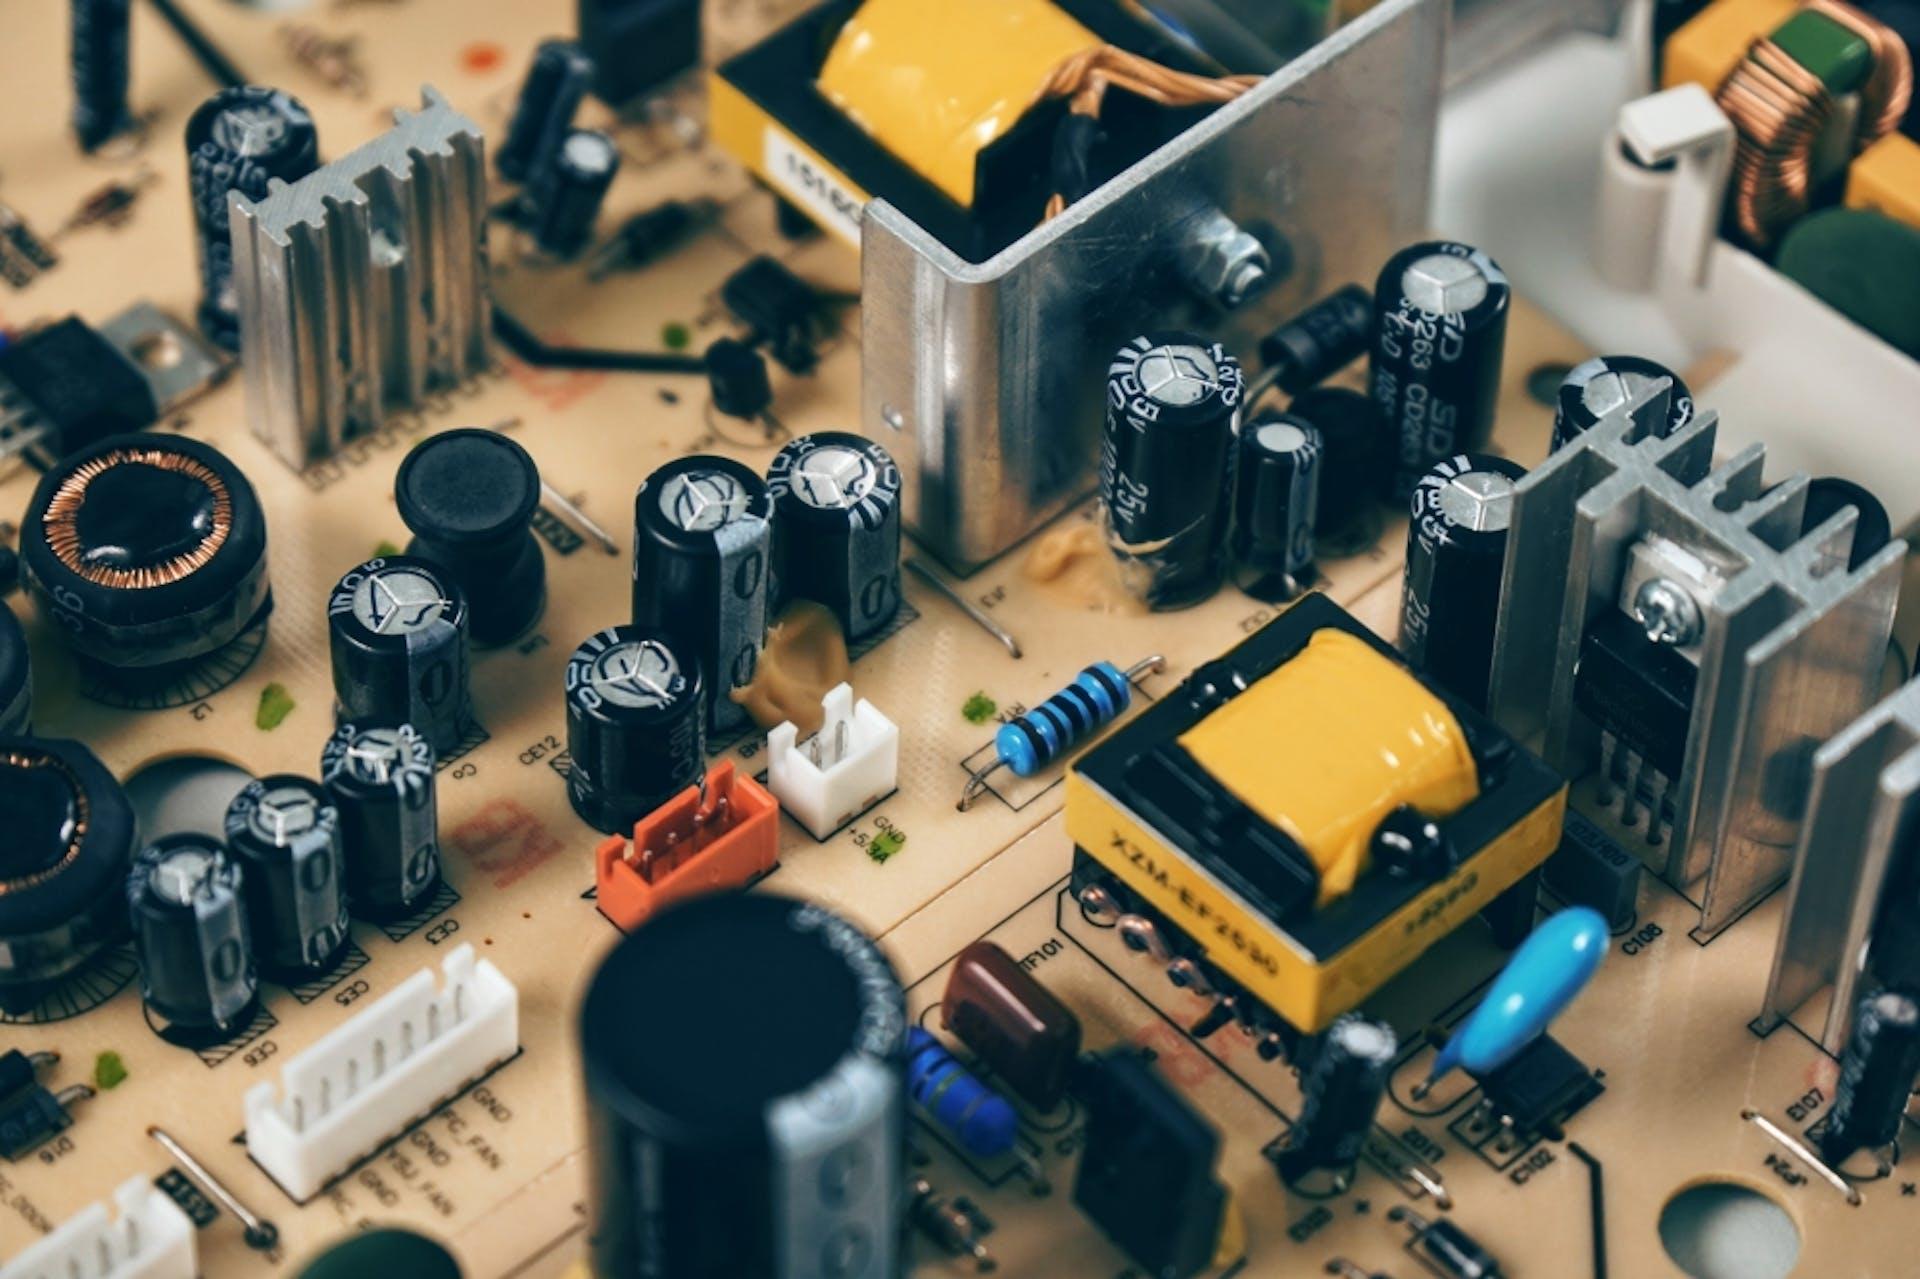 Circuitos eléctricos - qué son y cuáles son sus componentes